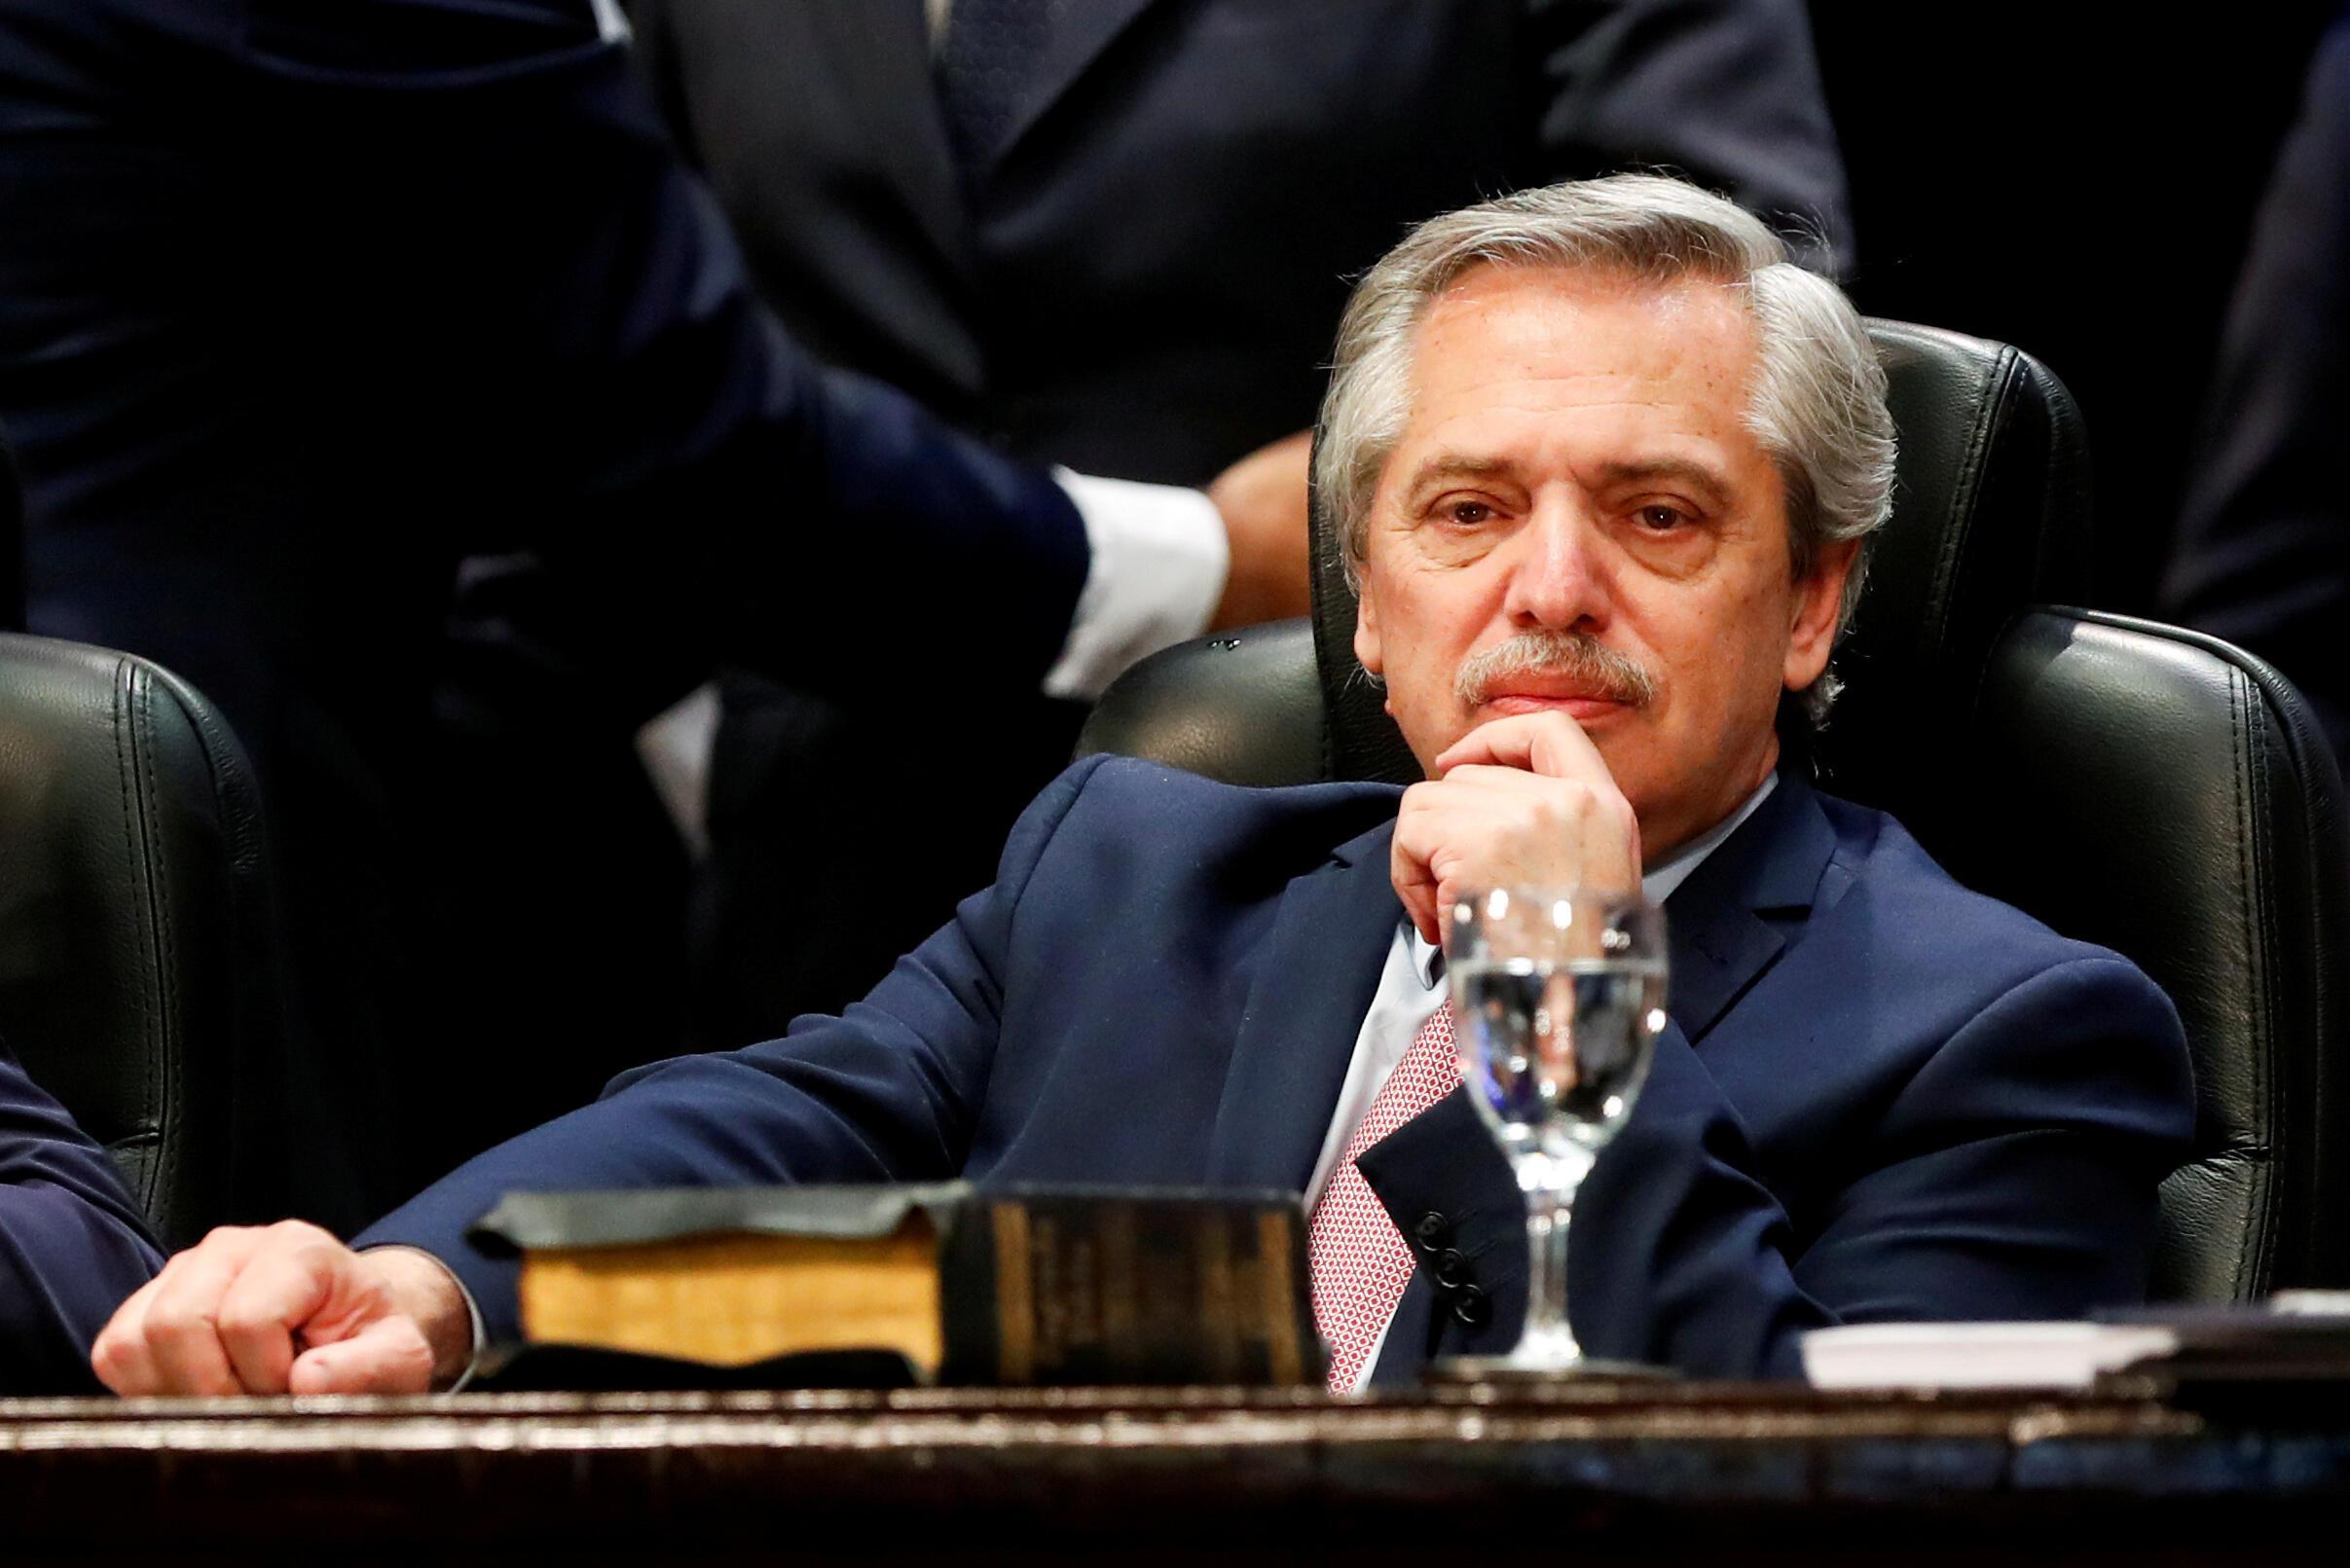 Le président élu de l'Argentine, Alberto Fernández, assiste à la prestation de serment du gouverneur de Tucumán, Juan Manzur, à San Miguel de Tucumán, en Argentine, le 29 octobre 2019.